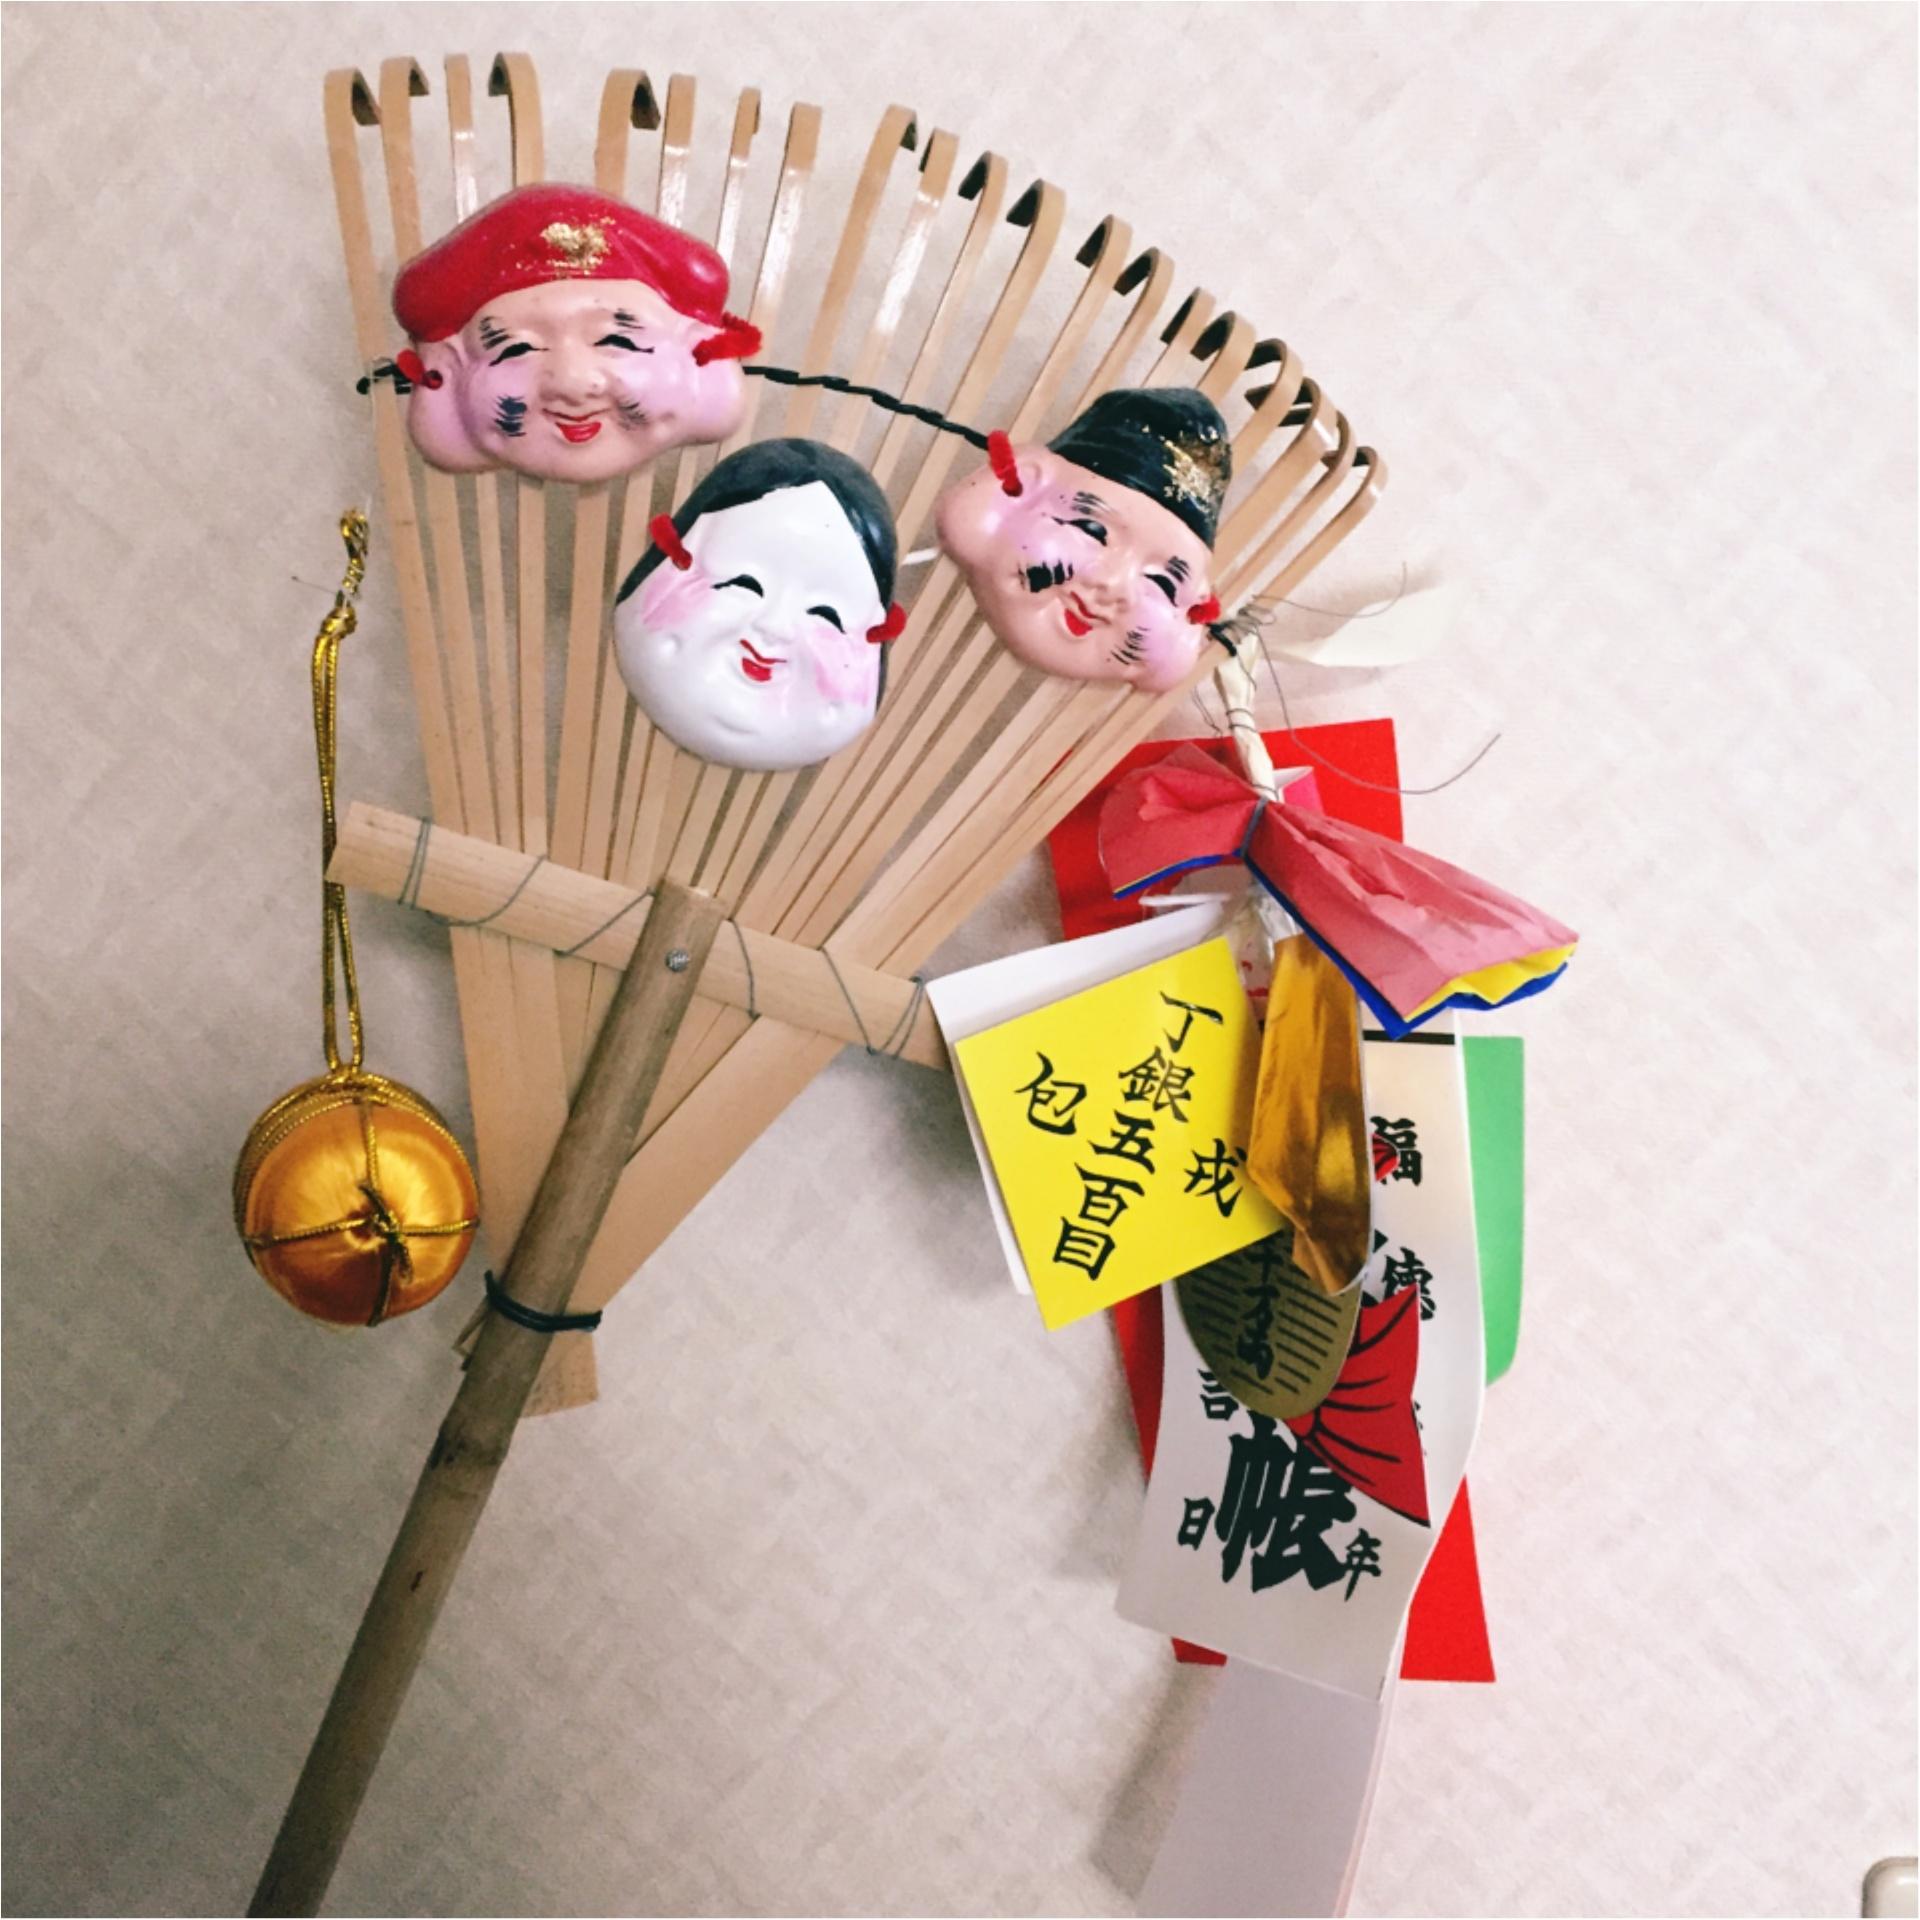 関西では初詣より盛り上がる?!1/9〜1/11の「十日えびす」の楽しみ方_3